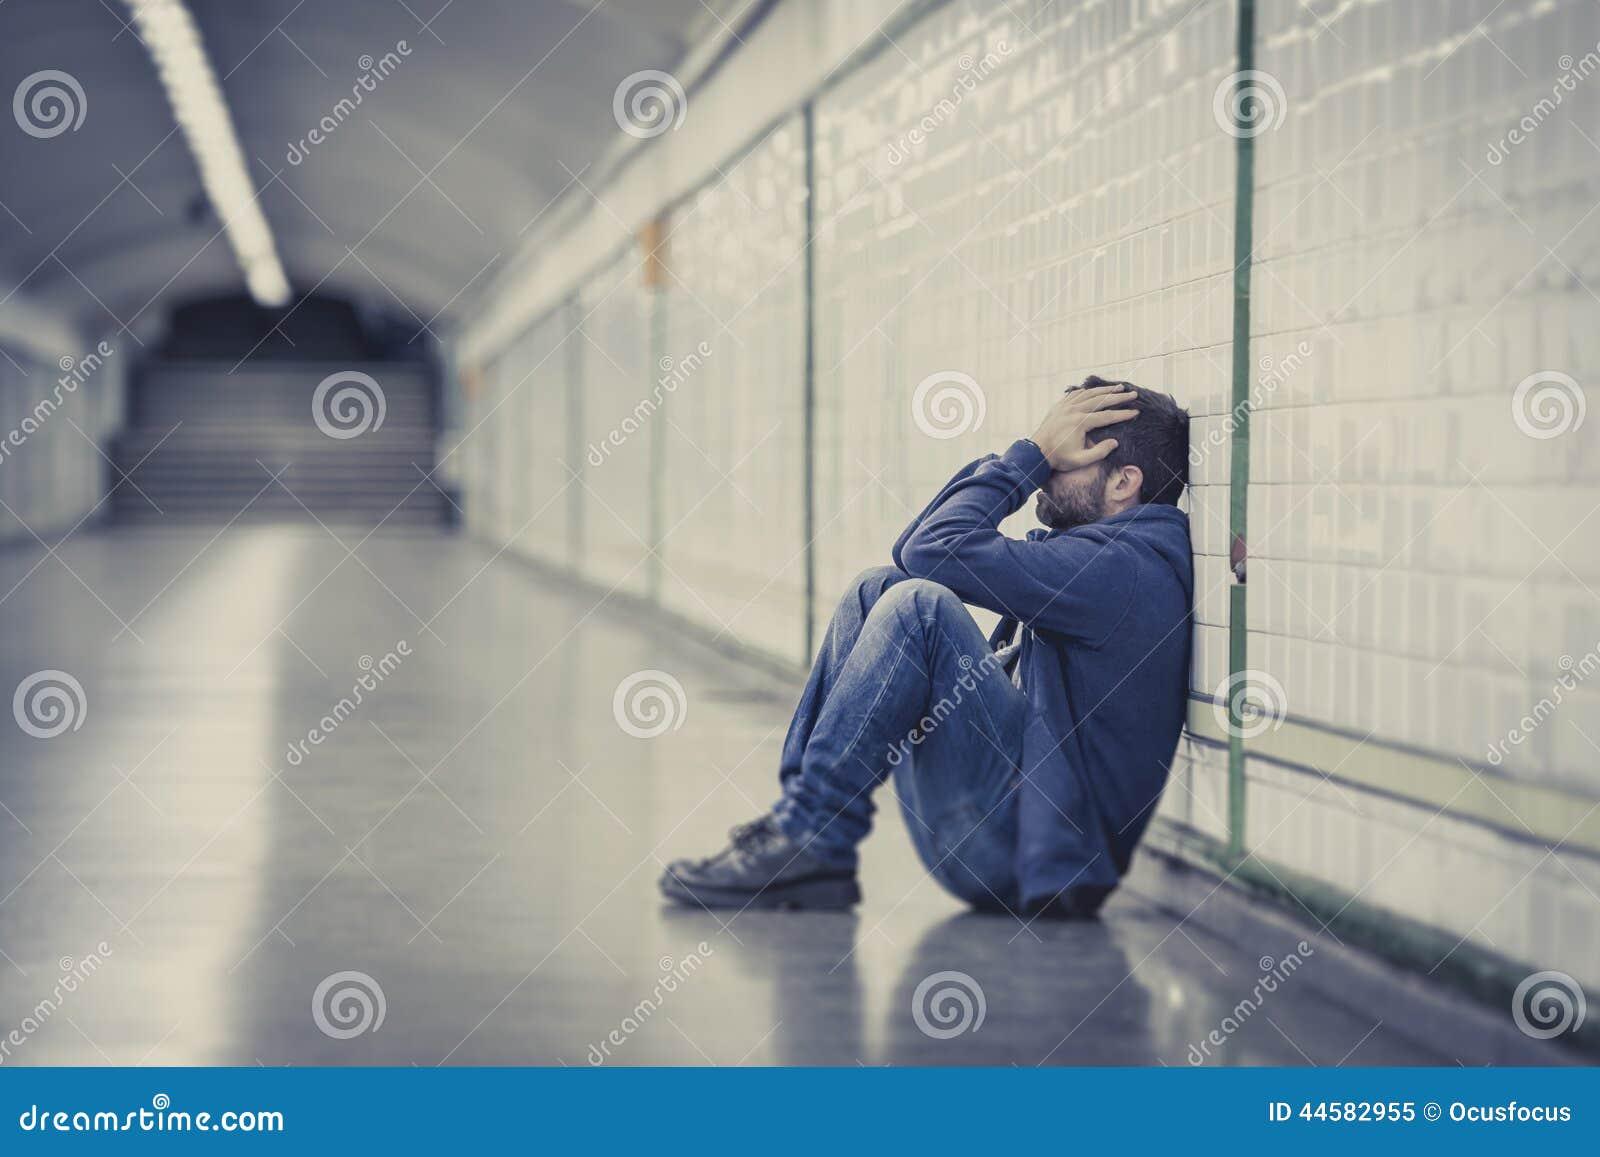 Młody chory mężczyzna gubił cierpienie depresji obsiadanie na zmielonym ulicznym metro tunelu